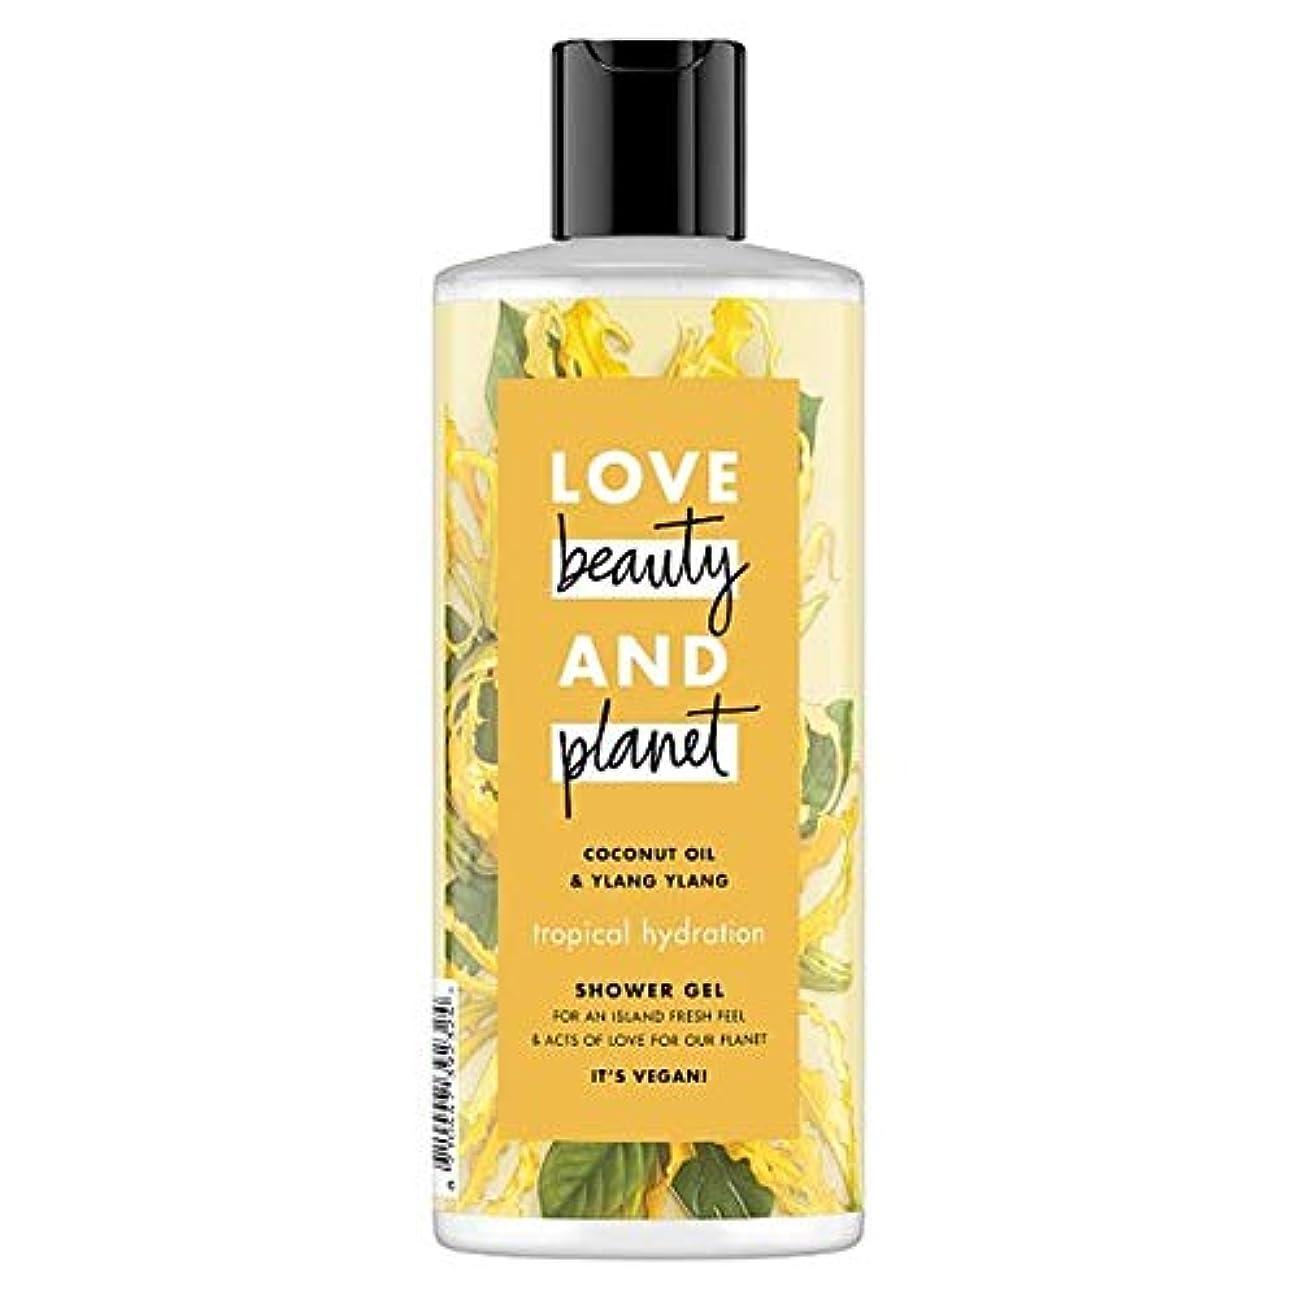 水っぽい疑問に思う貧困[Dove ] 美しさと惑星イランのシャワージェル500ミリリットルを愛します - Love Beauty And Planet Ylang Shower Gel 500Ml [並行輸入品]